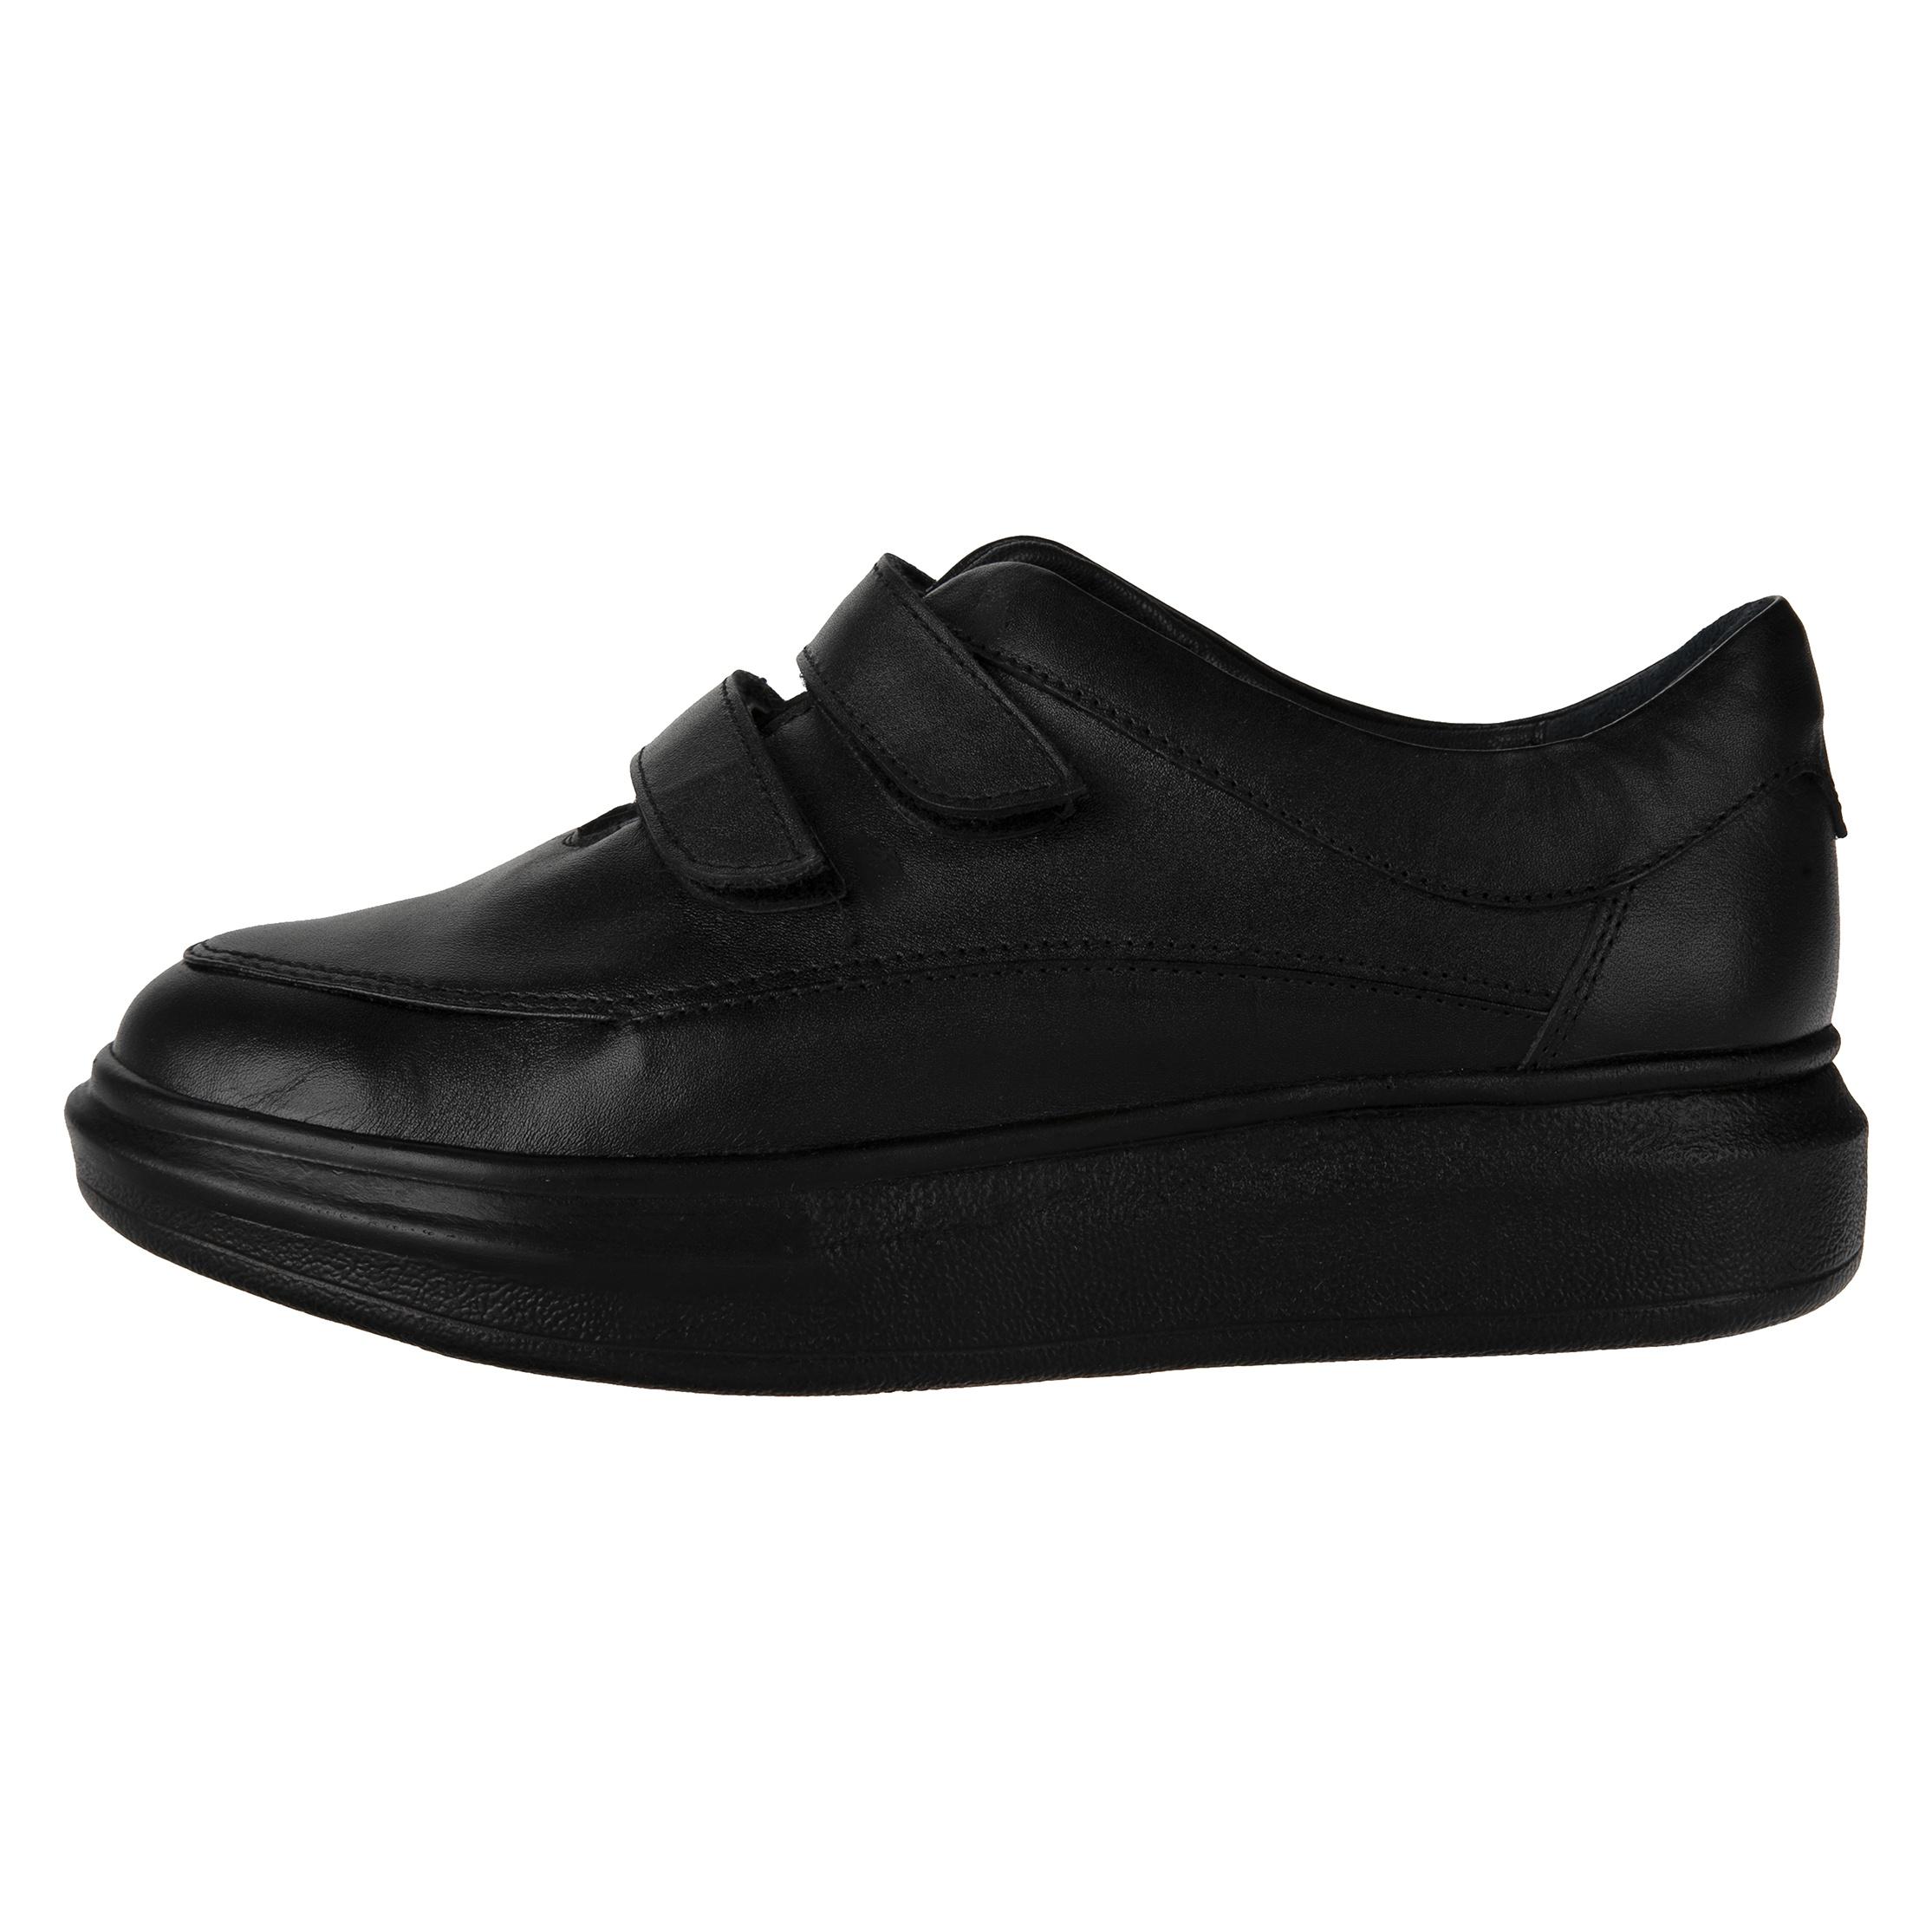 کفش روزمره زنانه دلفارد مدل DL5156A500-101